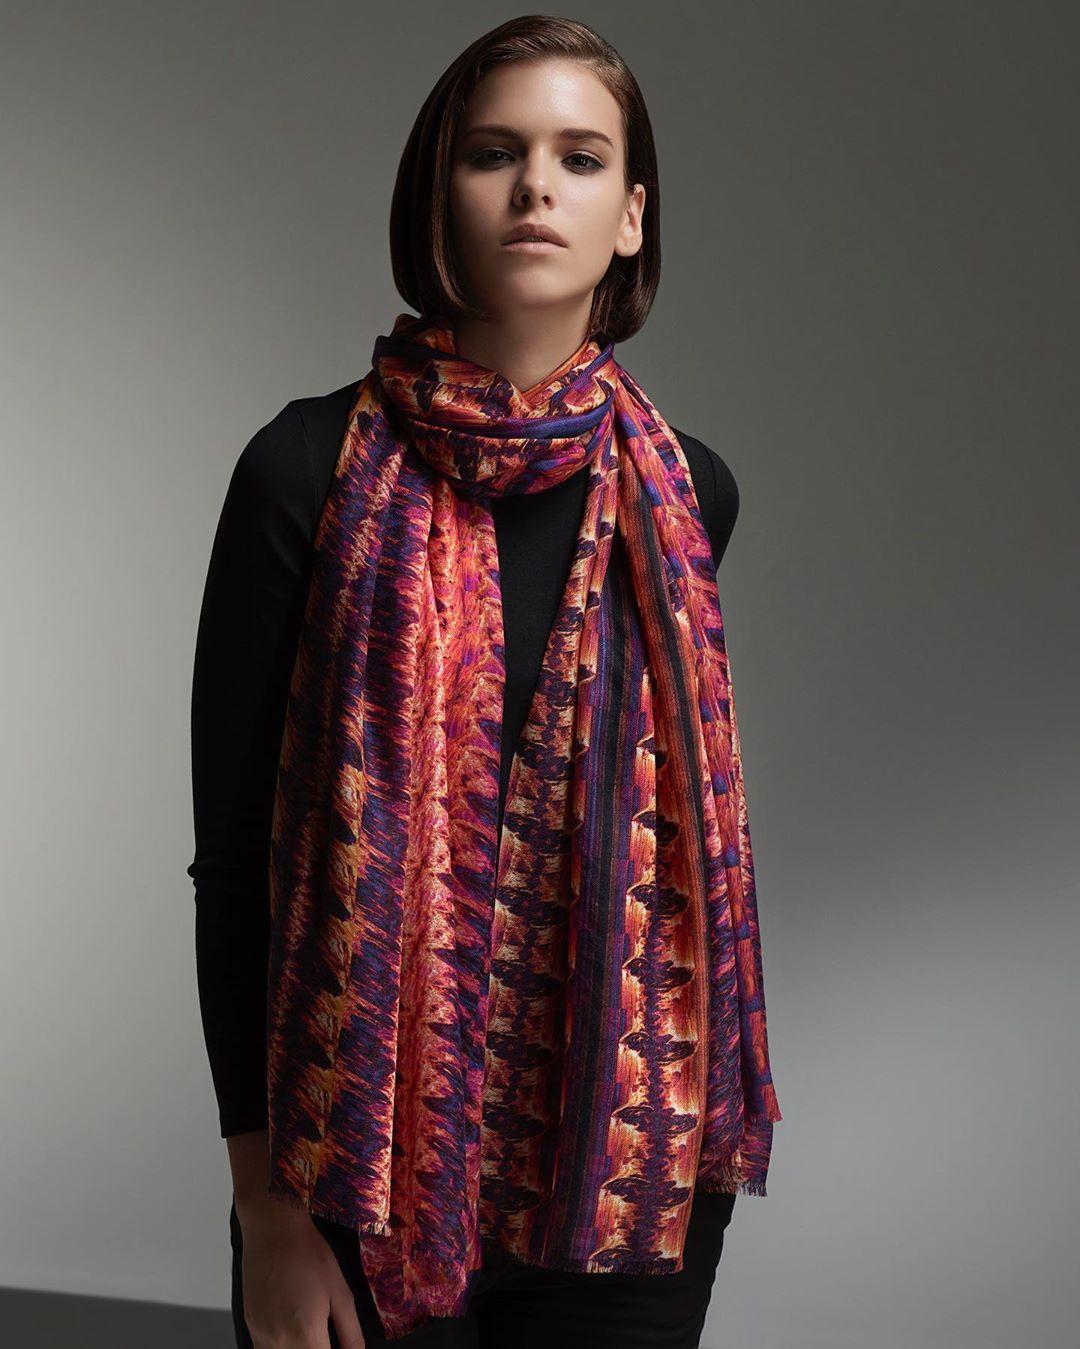 Модные-шарфы-2020;-кретаивные-и-стильные-идеи